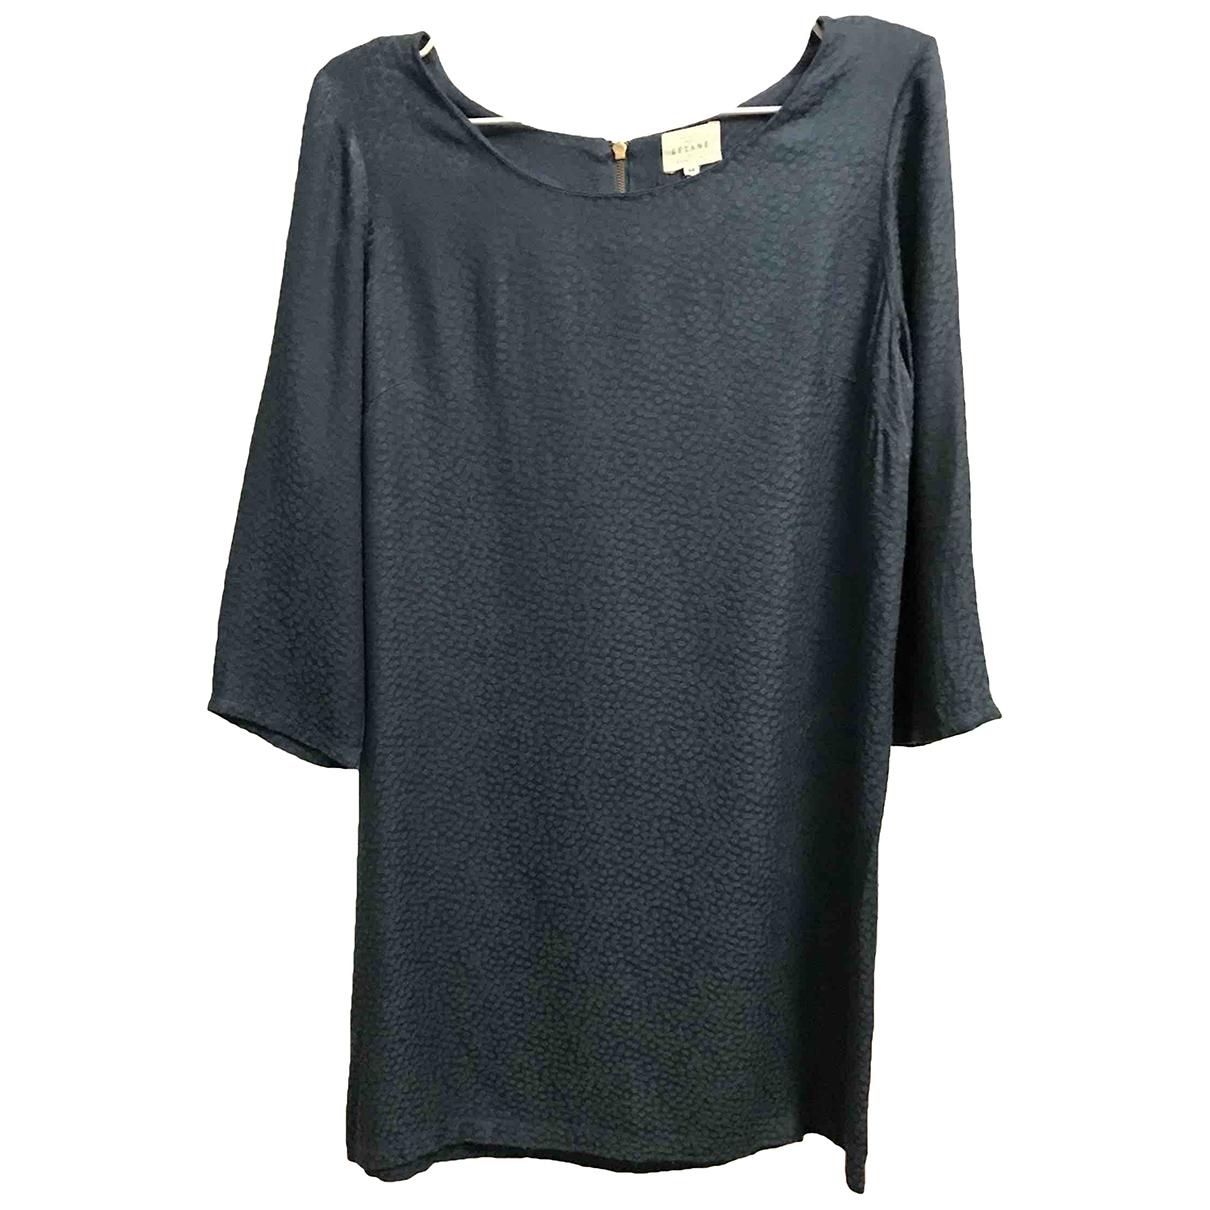 Sezane \N Kleid in  Blau Viskose